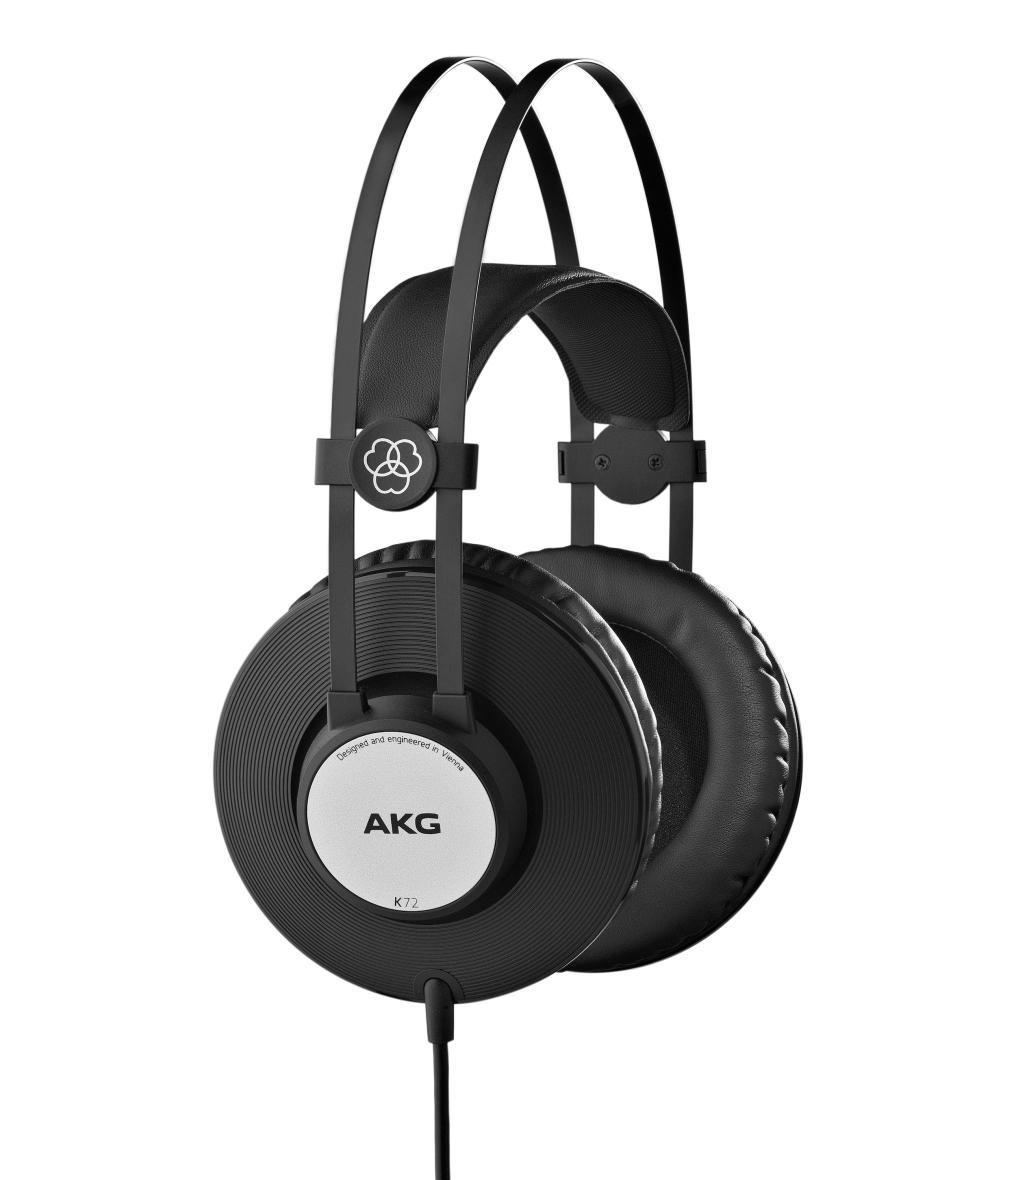 Powieksz do pelnego rozmiaru AKG K 72, AKG K72, AKG K-72, słuchawki profesjonalne, słuchawki studyjne, słuchawki realizatorskie, słuchawki uniwersalne, słuchawki z pałąkiem, słuchawki nagłowne, słuchawki wokółuszne, słuchawki zamknięte, słuchawki z kablem jednostronnym